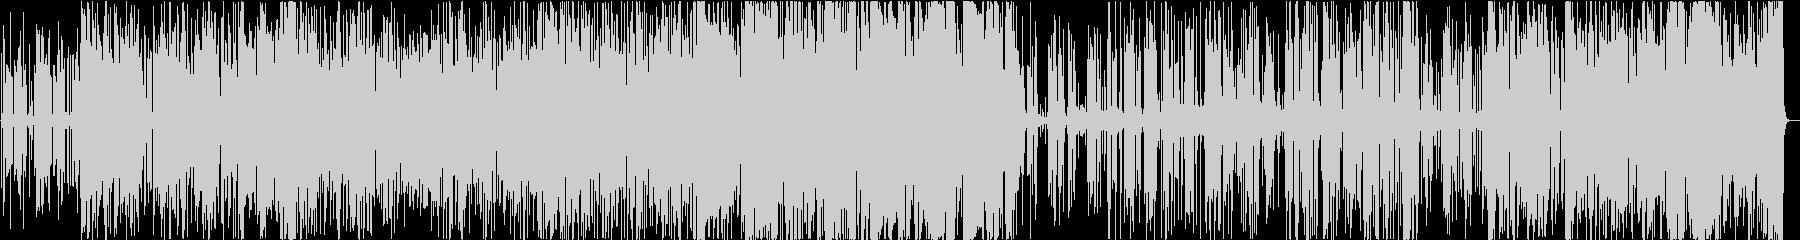 標準ジャズ。ハッピーアレンジメント。の未再生の波形